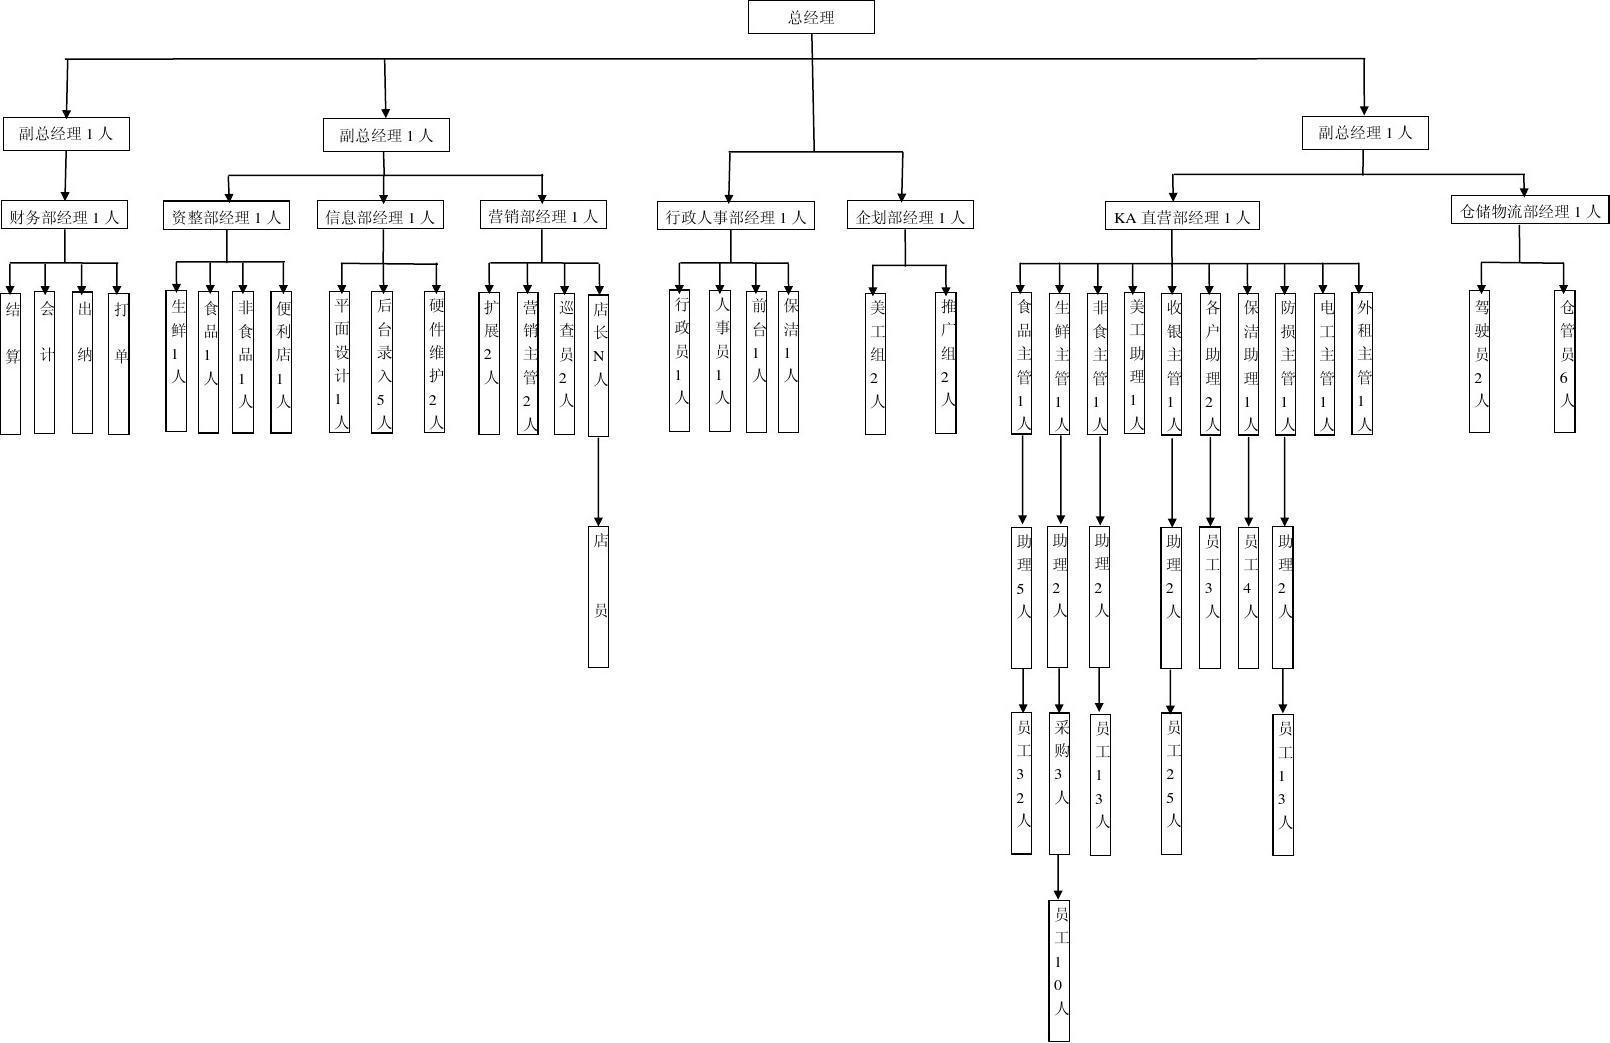 行政人事框架图